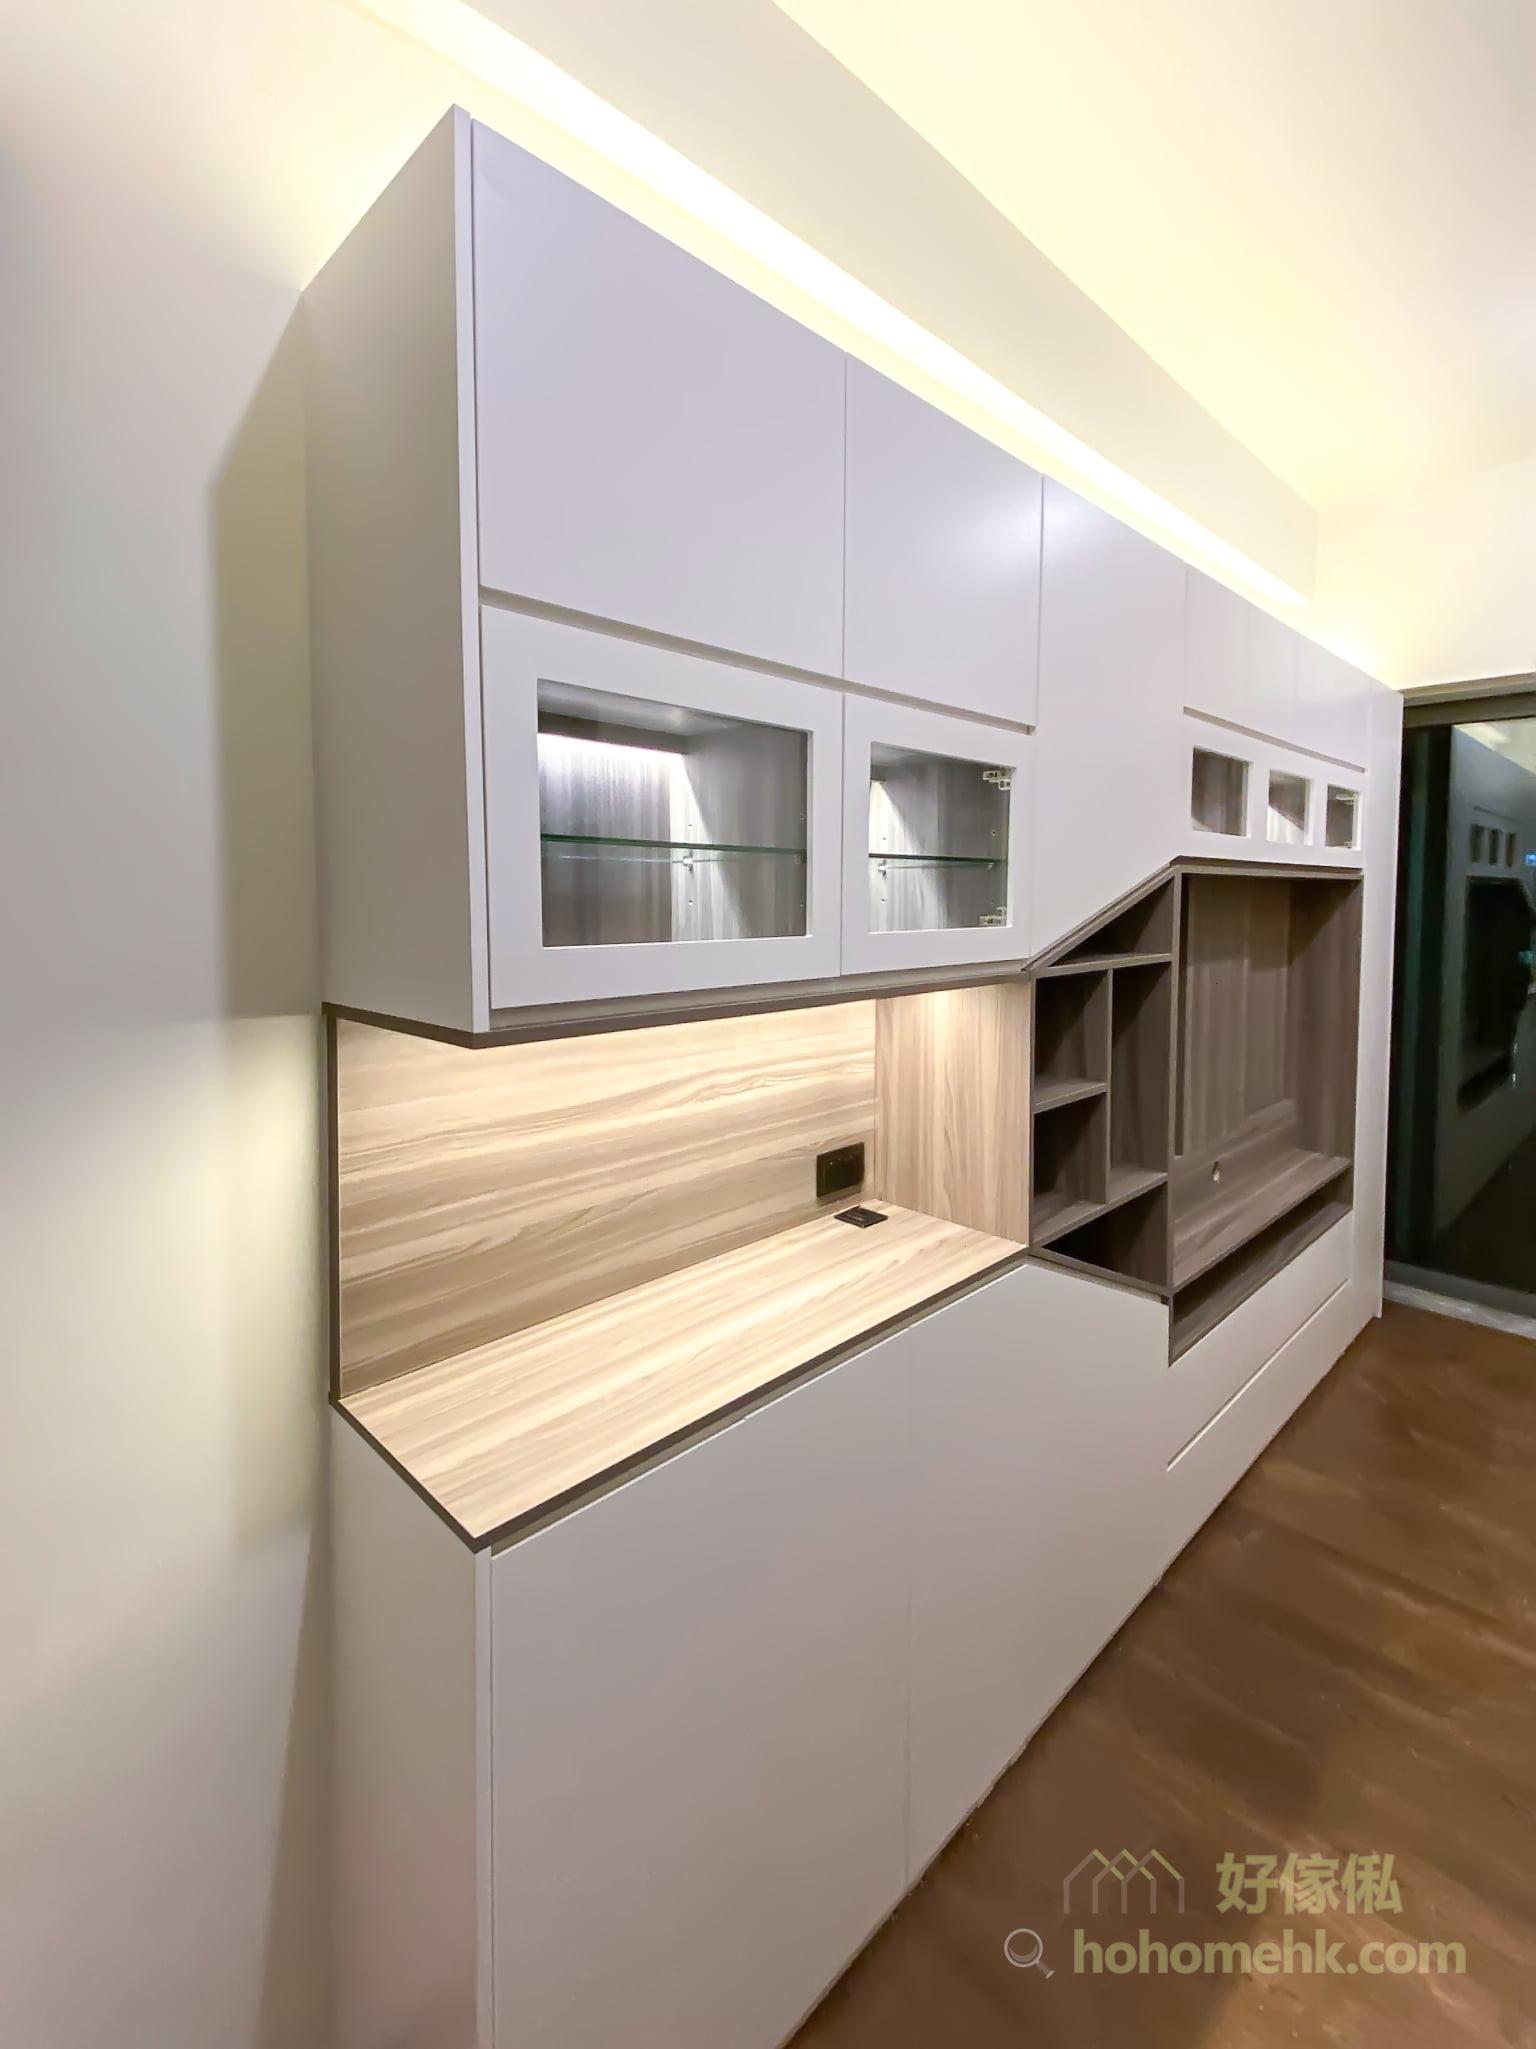 客廳櫃不到頂的設計也有好處,可以在櫃頂加裝燈槽,以燈帶打造間接光源為整個空間增添氣氛之外,亦令空間感大增